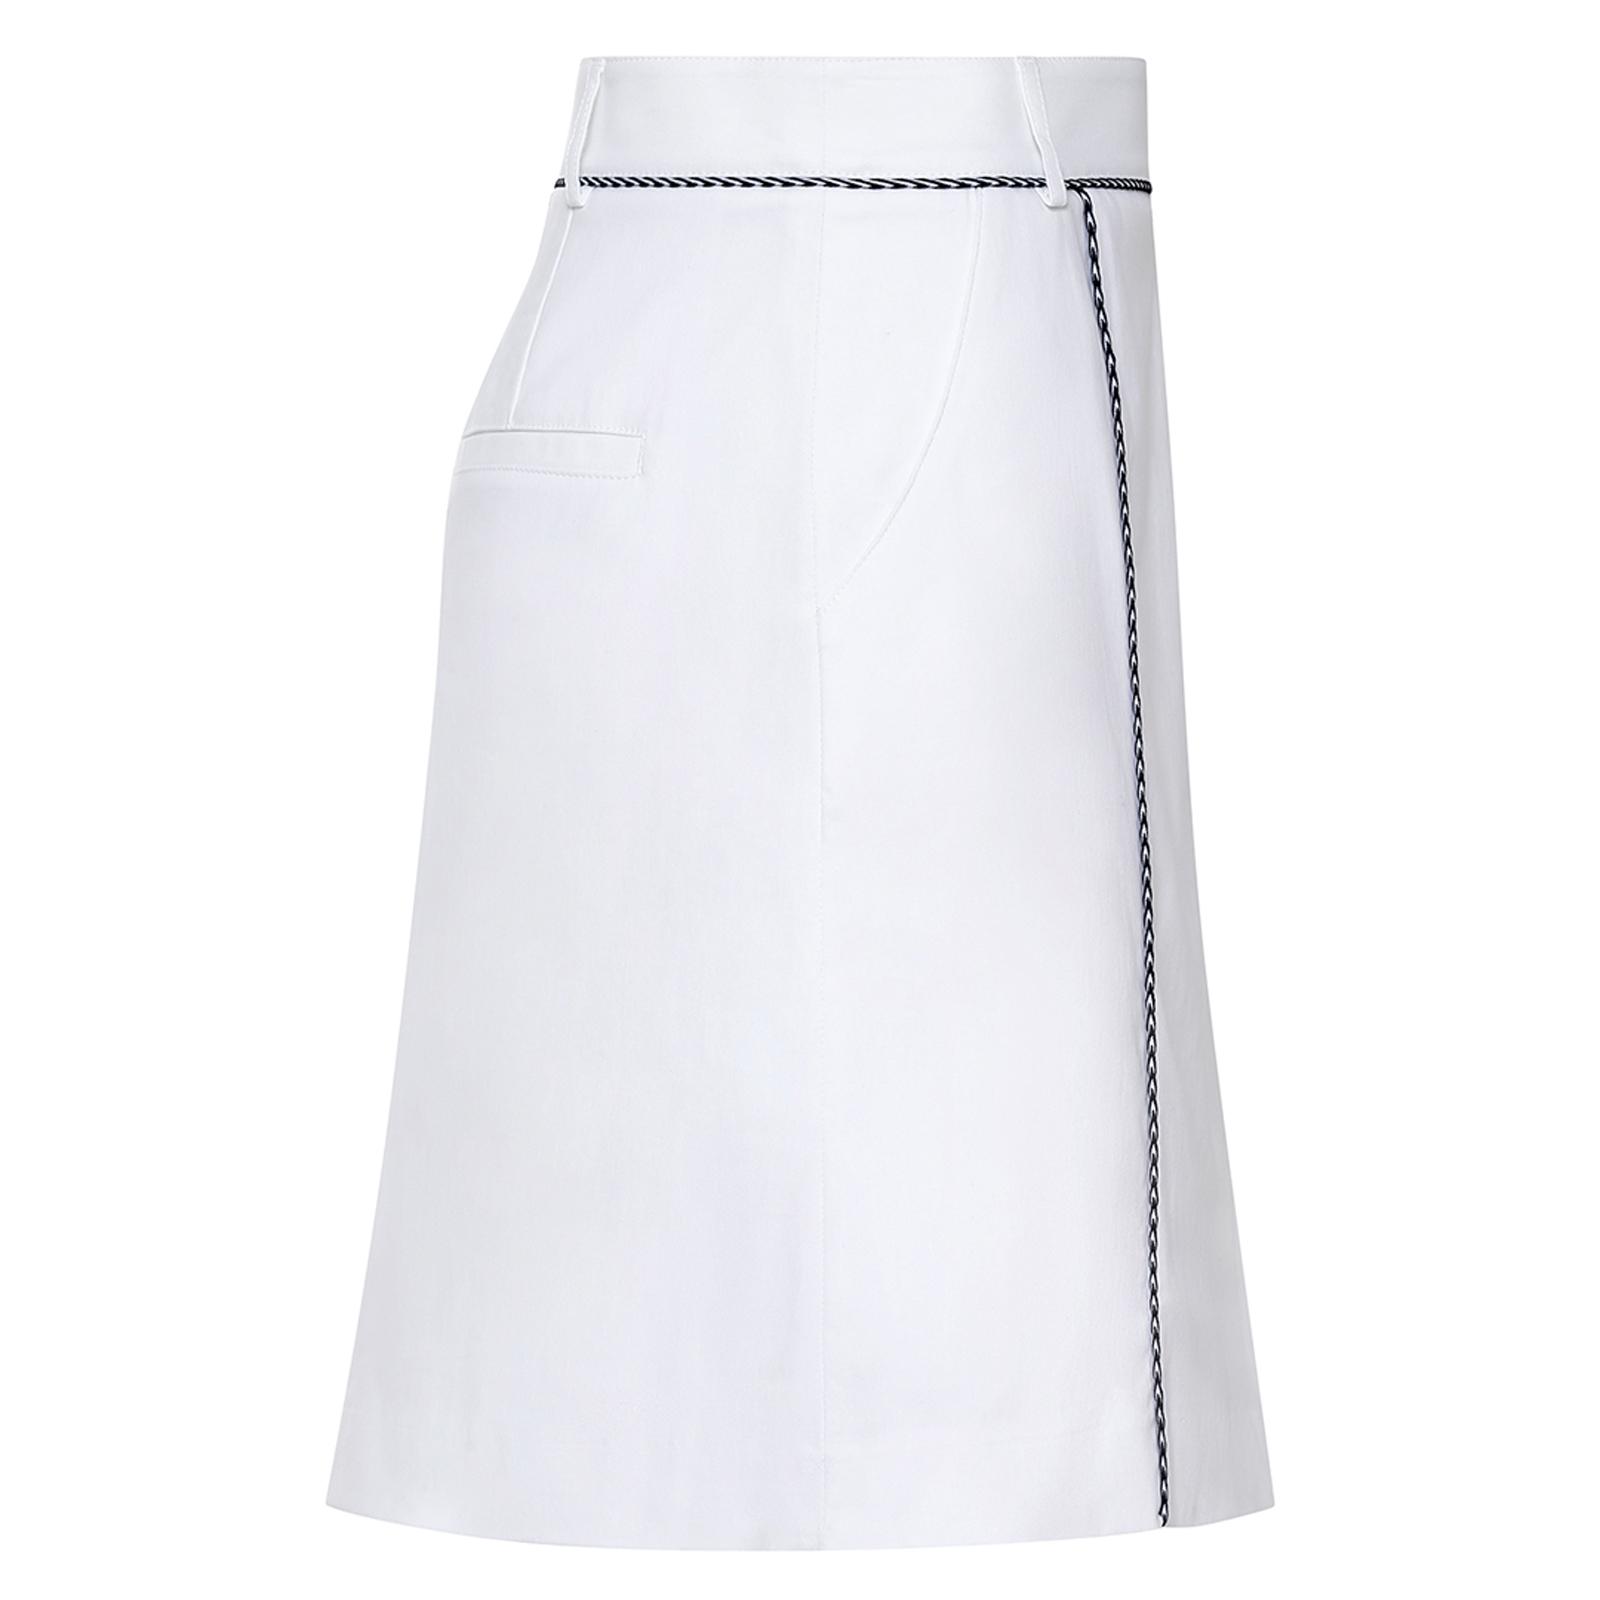 Damen Golfskort mit Sonnenschutz und Extra Stretch Komfort aus Baumwoll-Mix